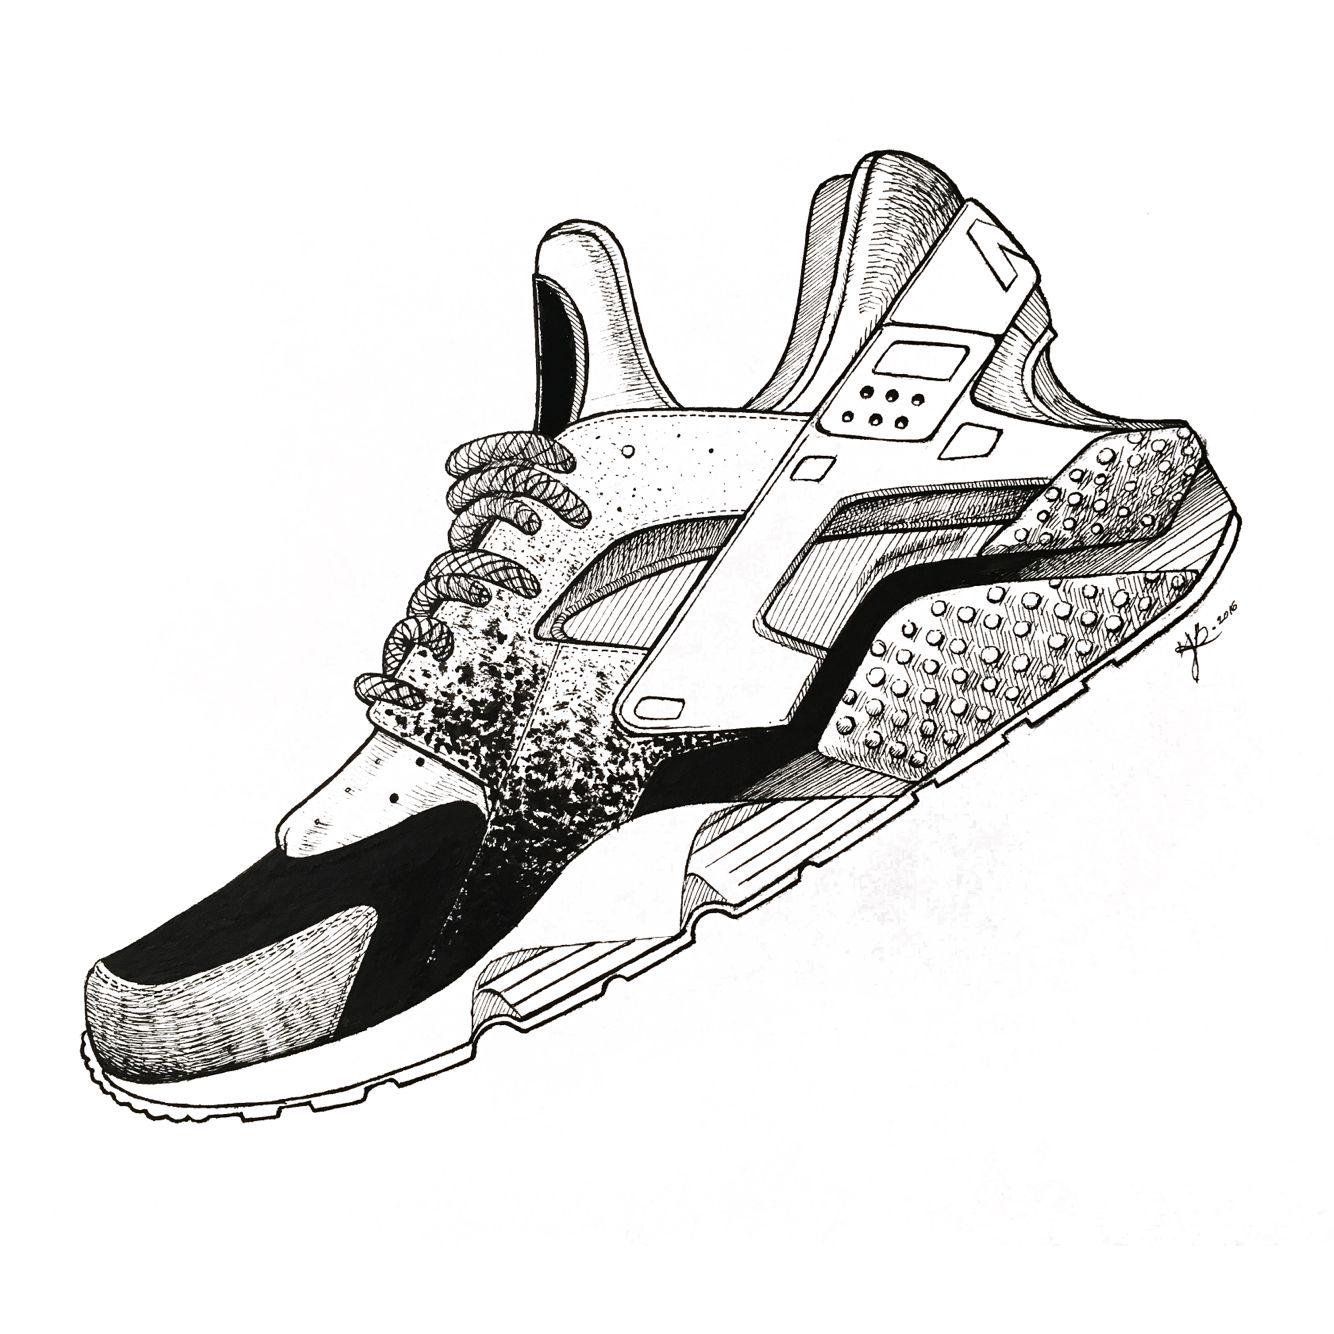 1334x1334 sneaker illustration nike hurache sneaker